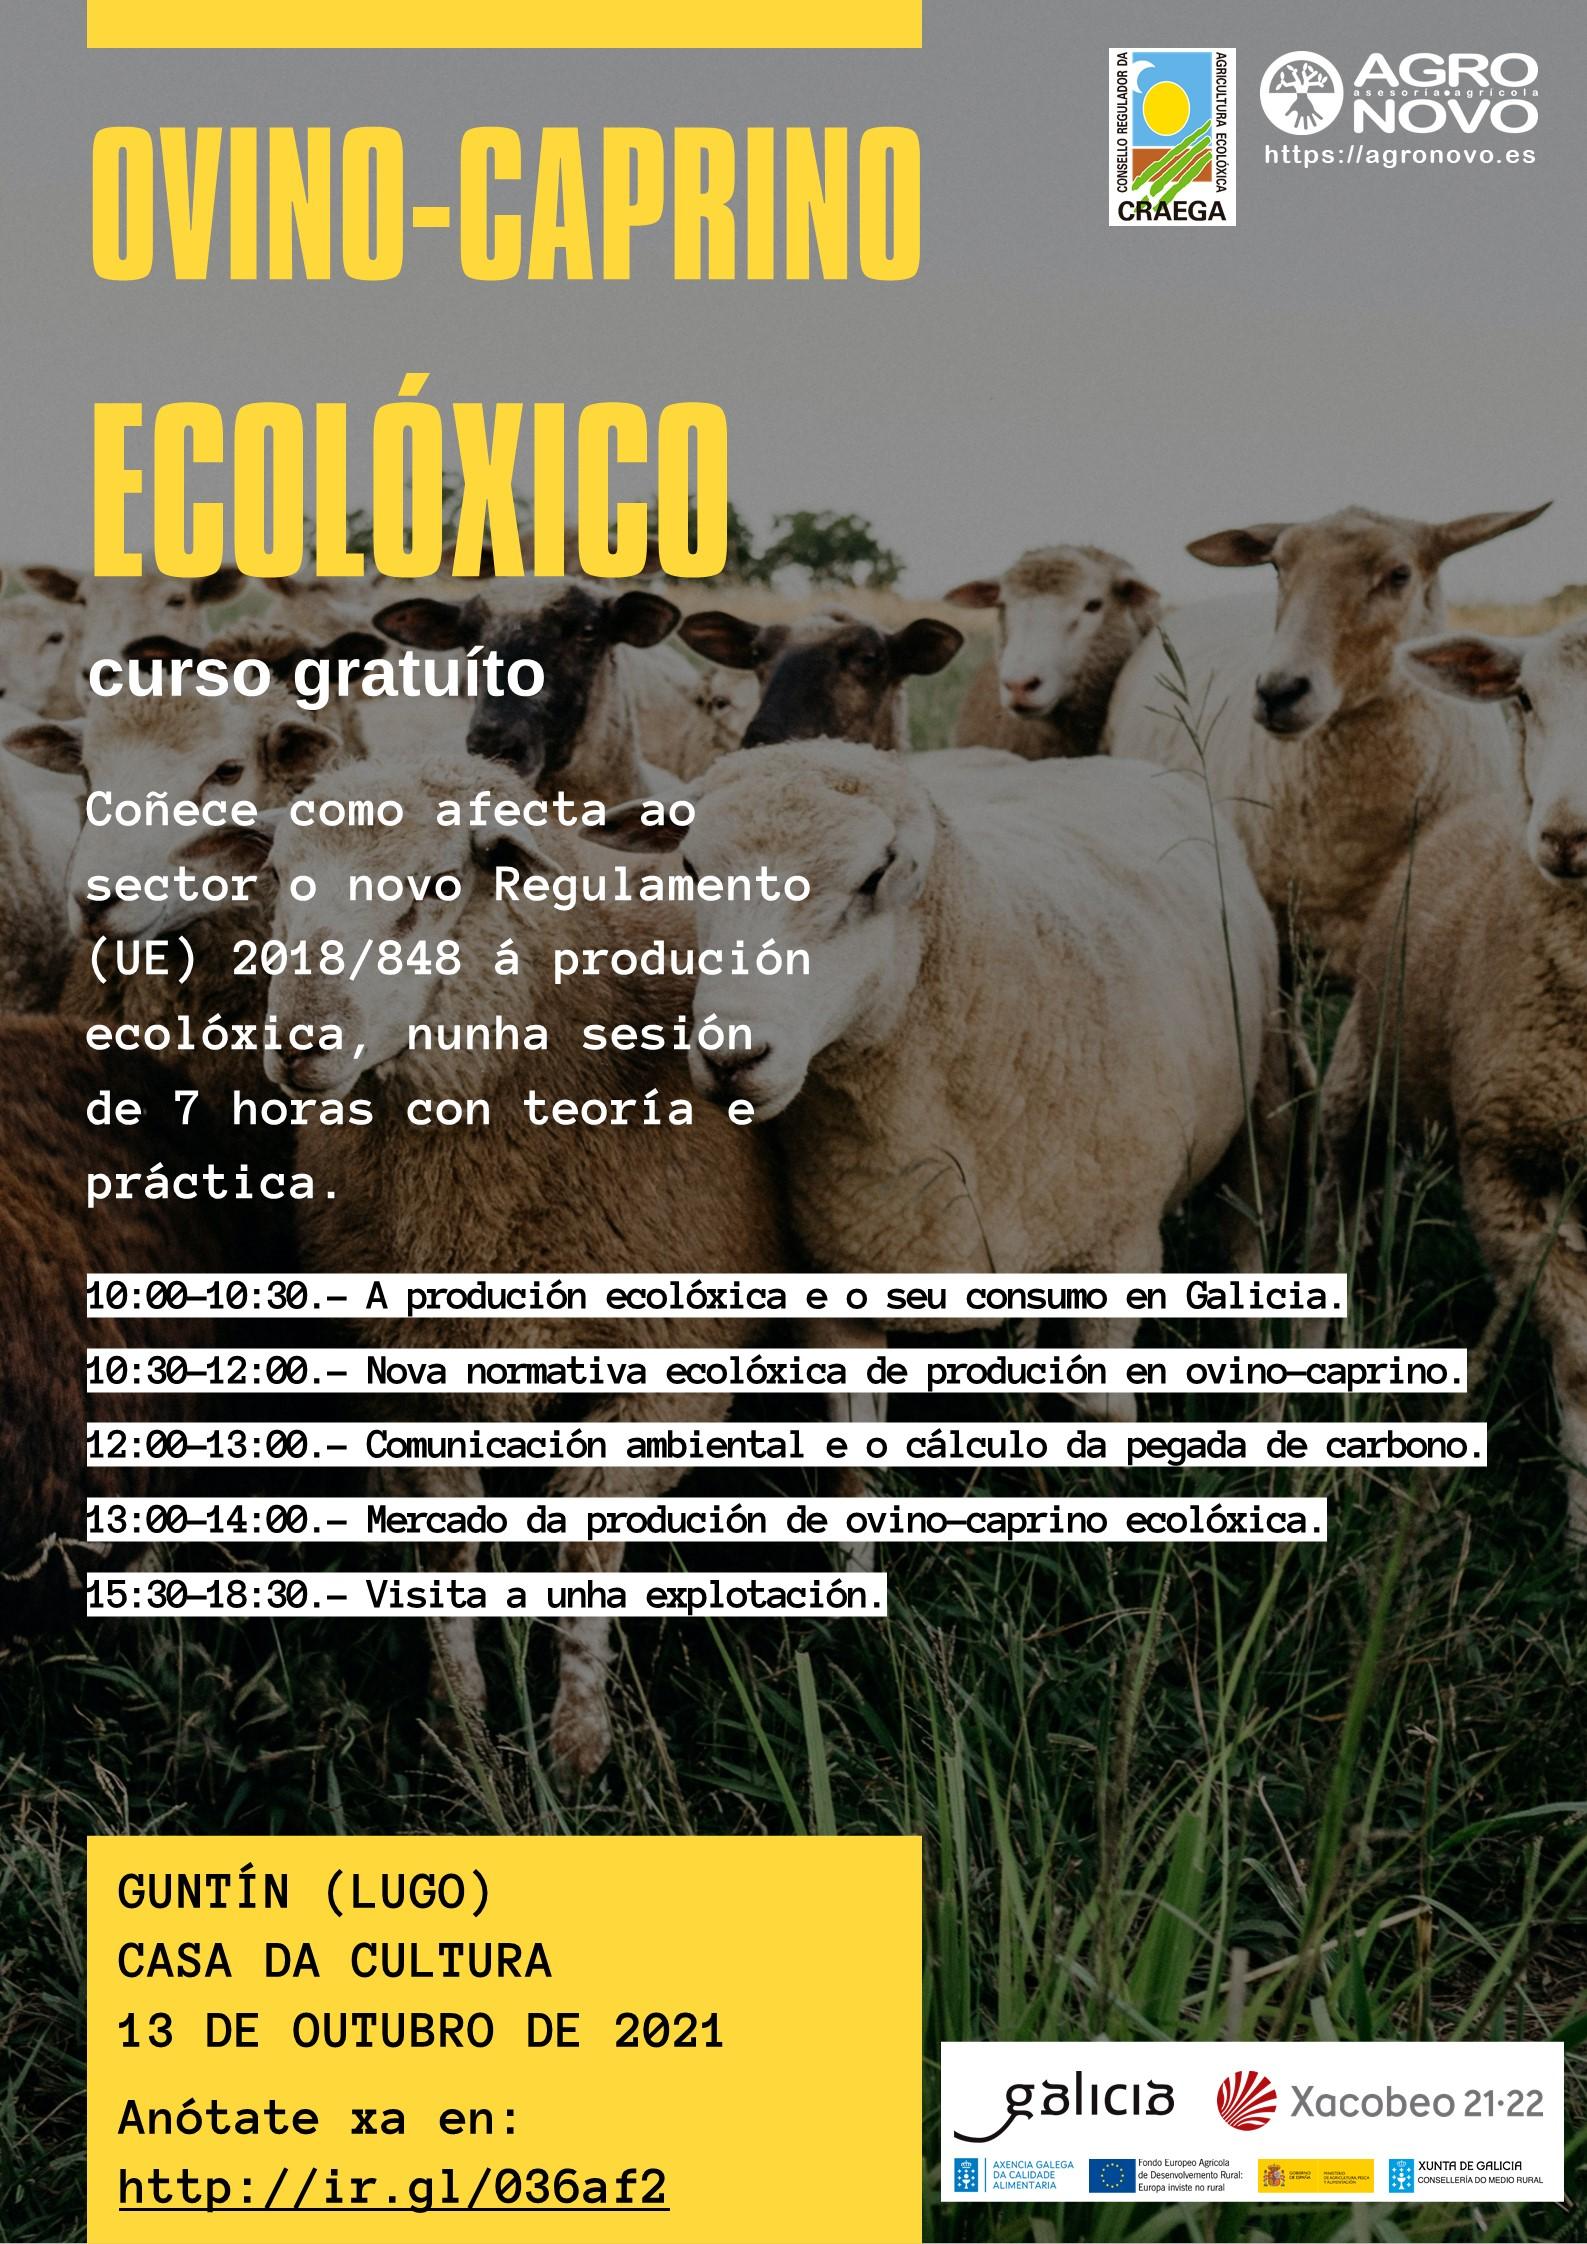 CURSOS CRAEGA AGRONOVO 1